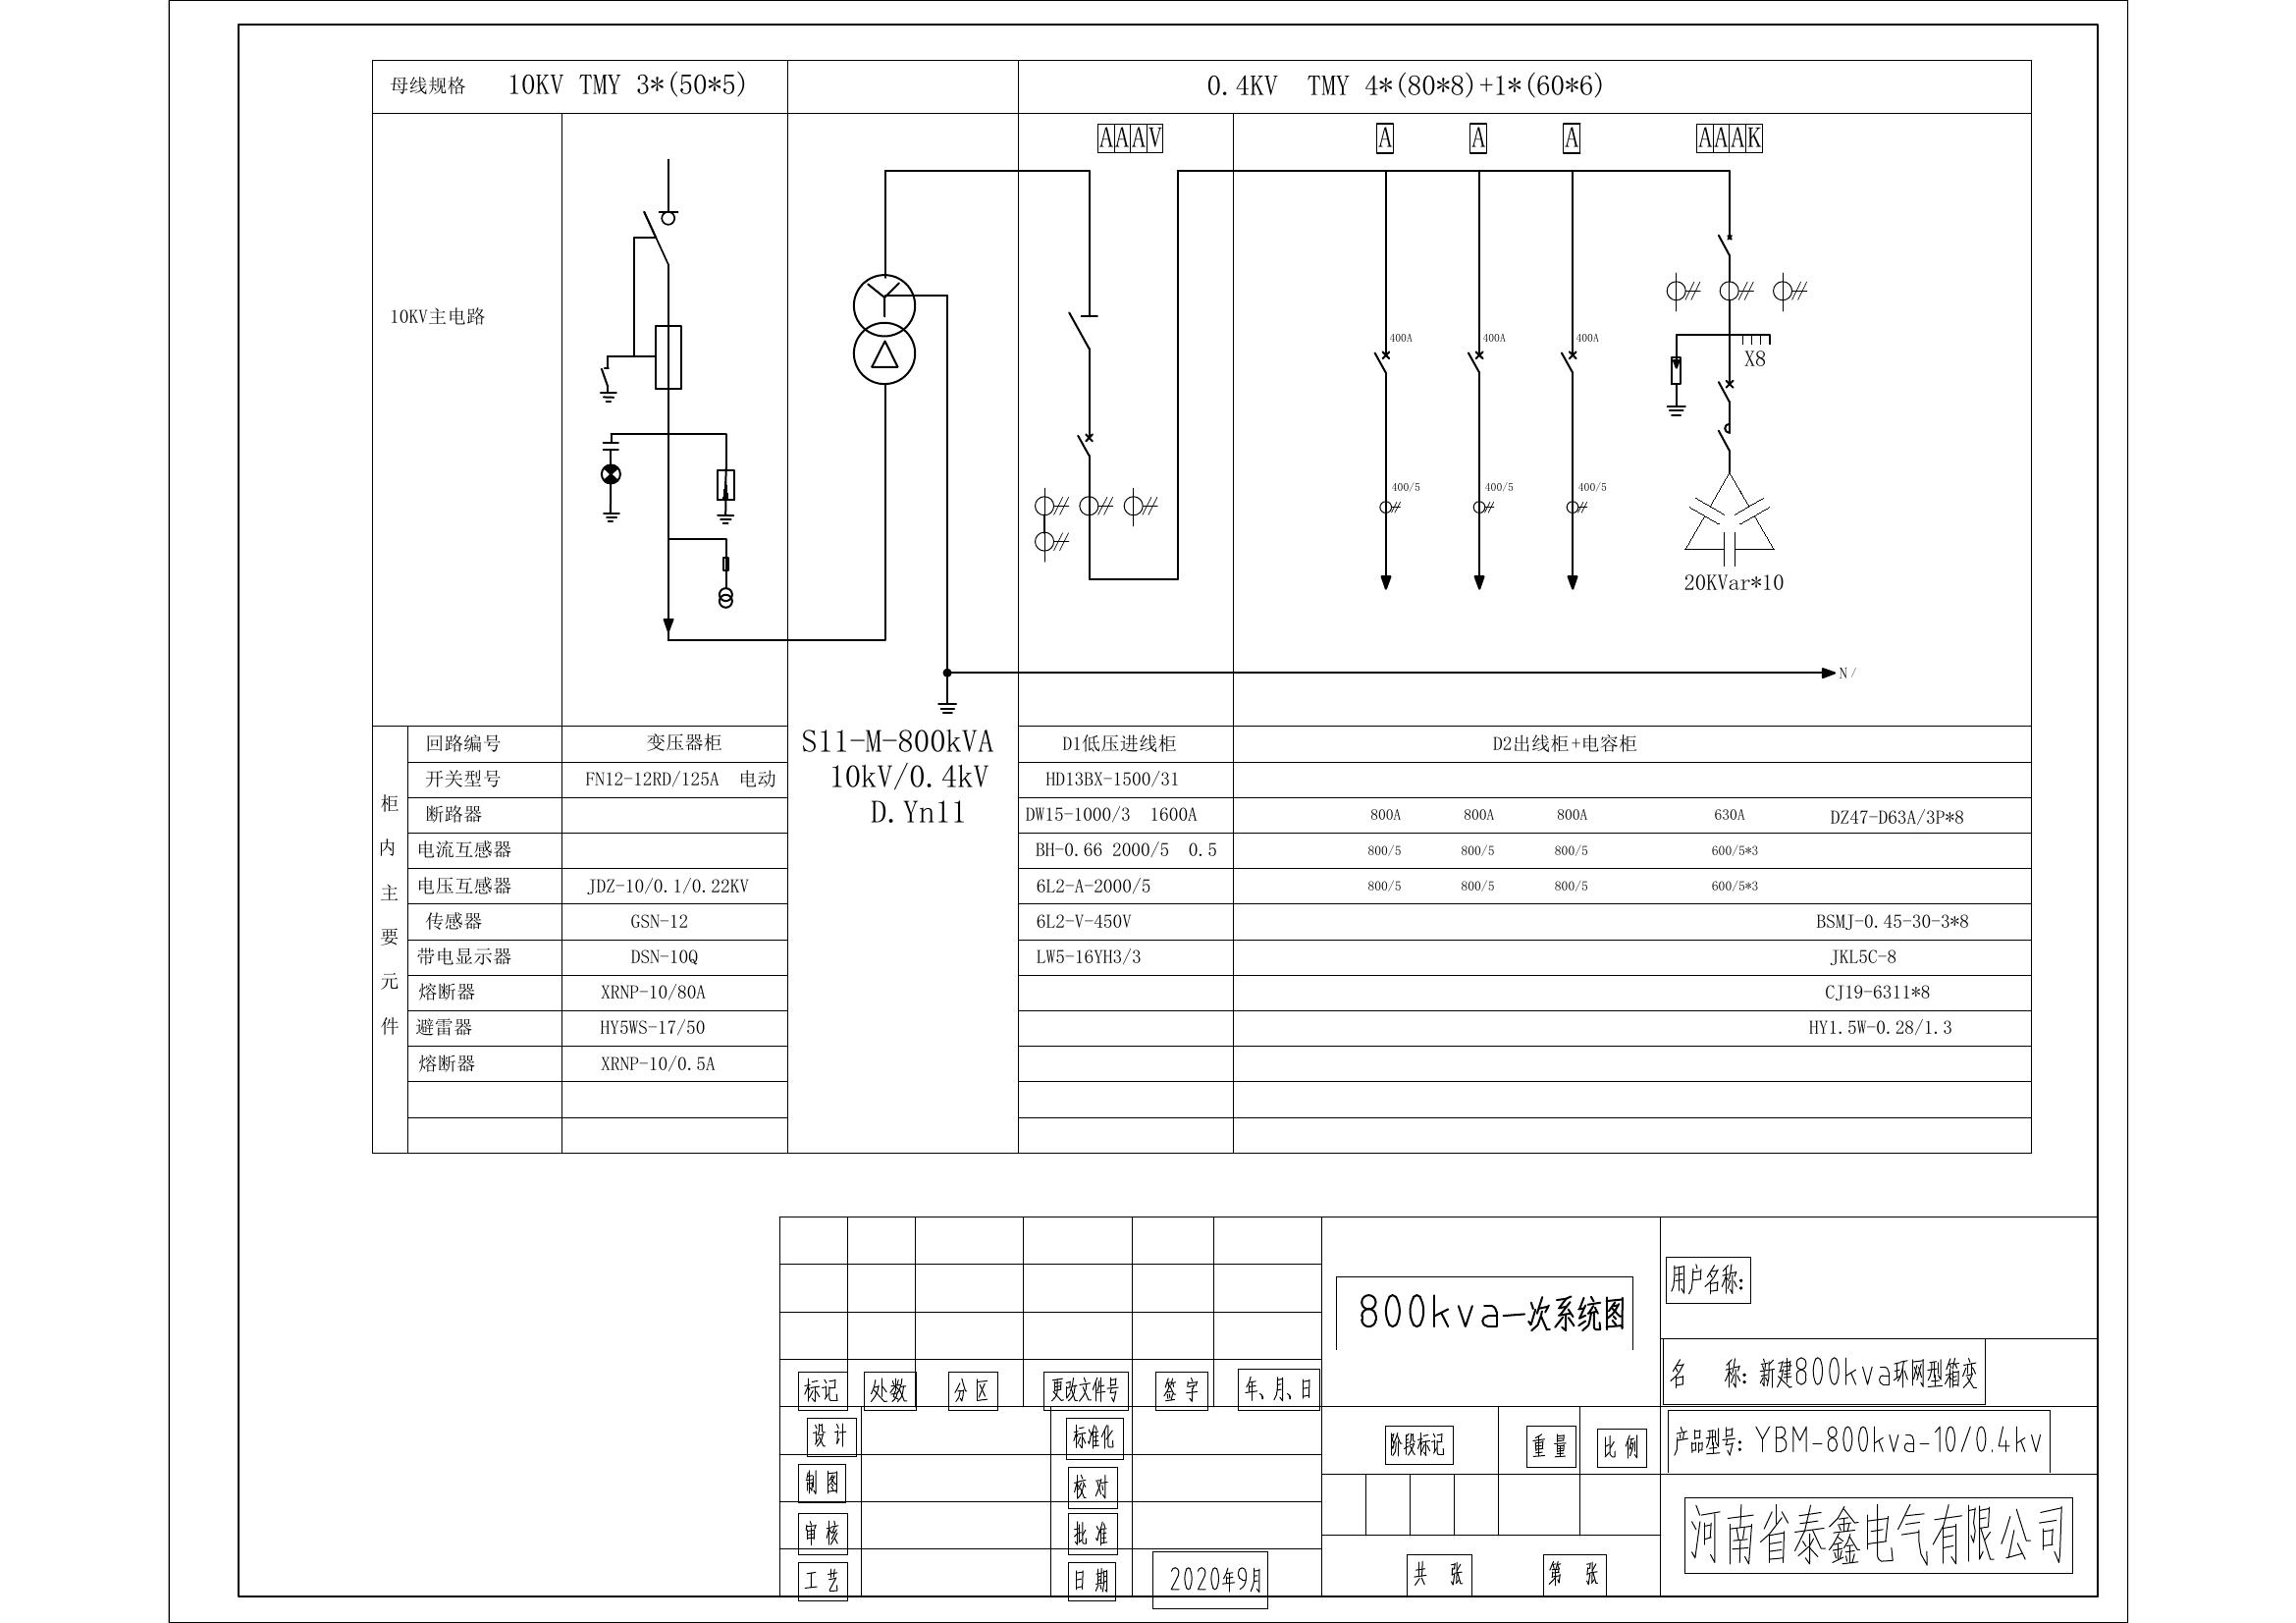 变压器图片1